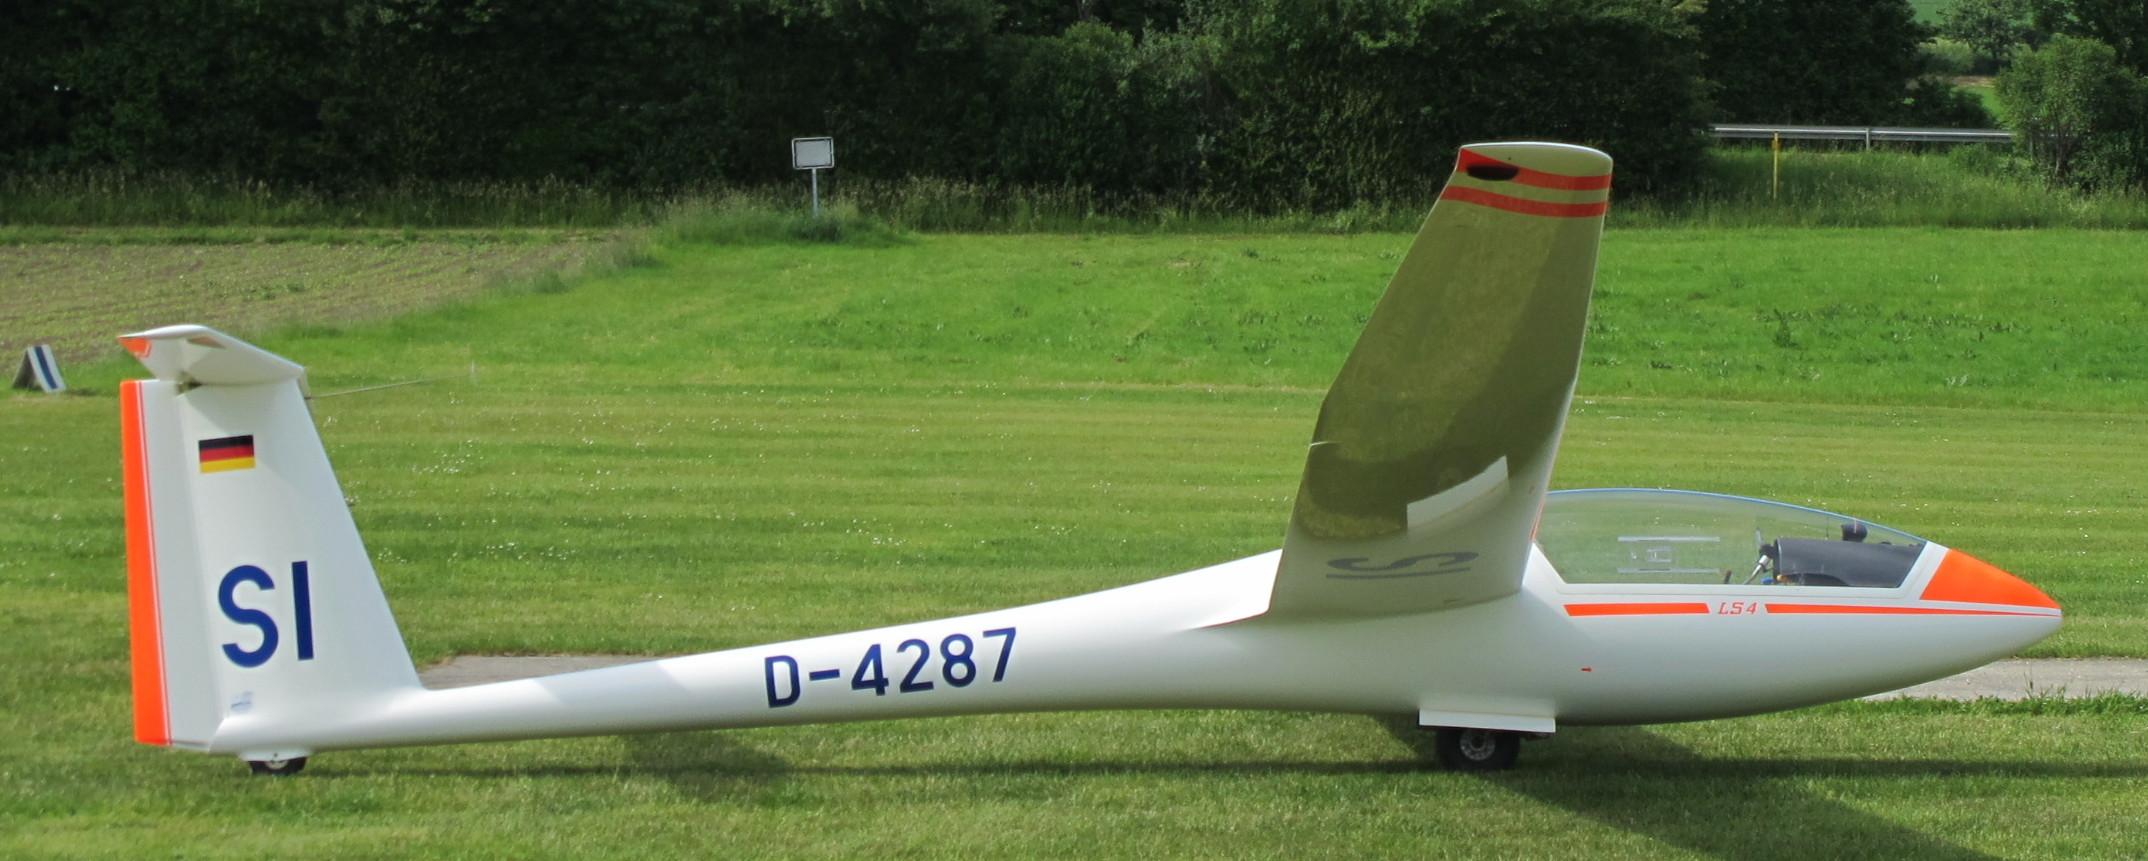 D-4287 aufgerüstet am Start 09